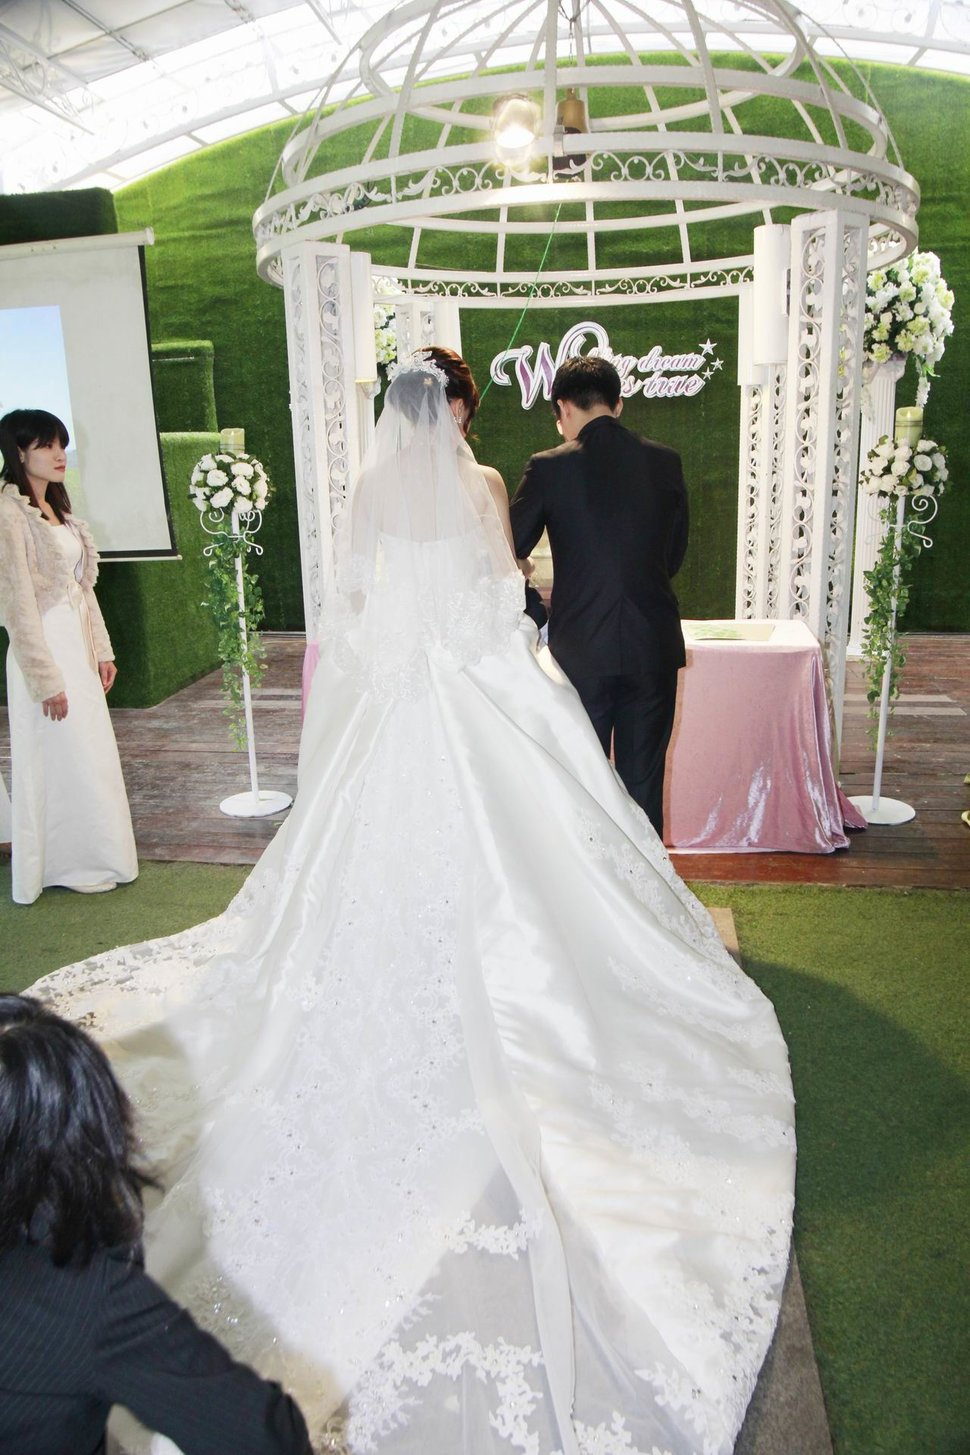 青青食尚花園會館婚禮記錄結婚迎娶婚禮記錄動態微電影錄影專業錄影平面攝影婚紗攝攝影婚禮主持人(編號:196739) - 蜜月拍照10800錄影12800攝影團隊 - 結婚吧